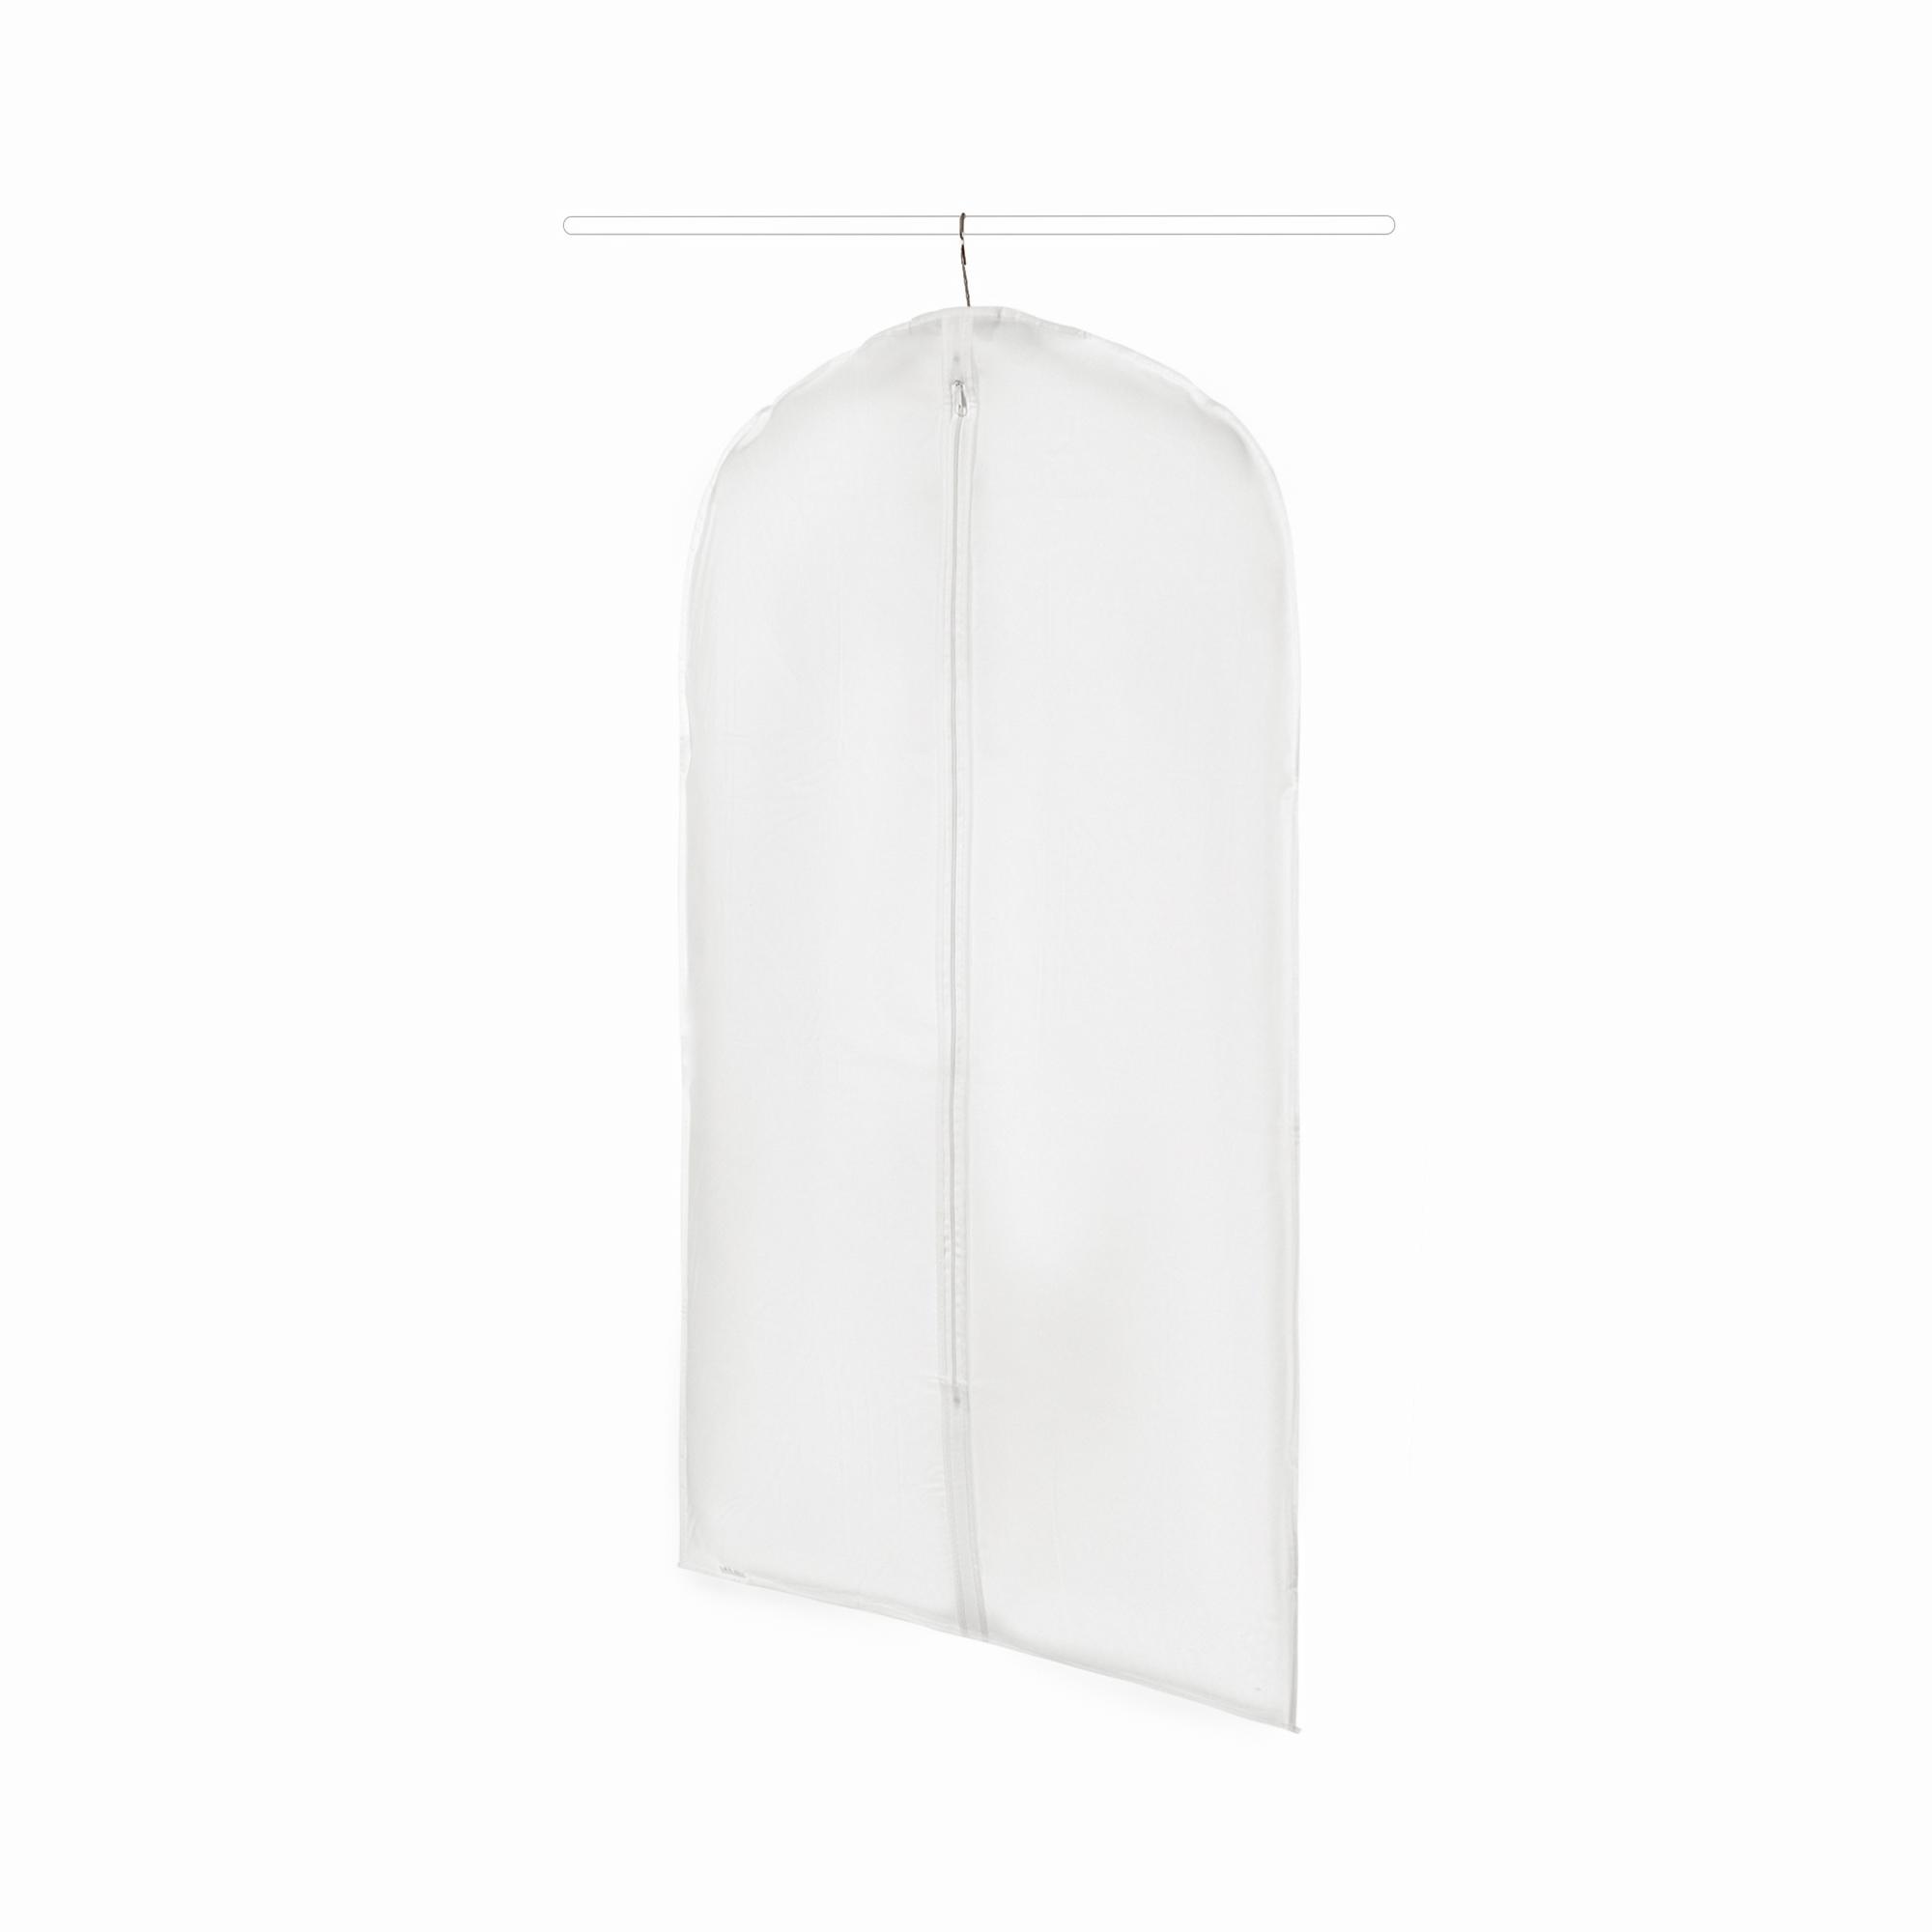 Housse pour vêtements translucide H100cm